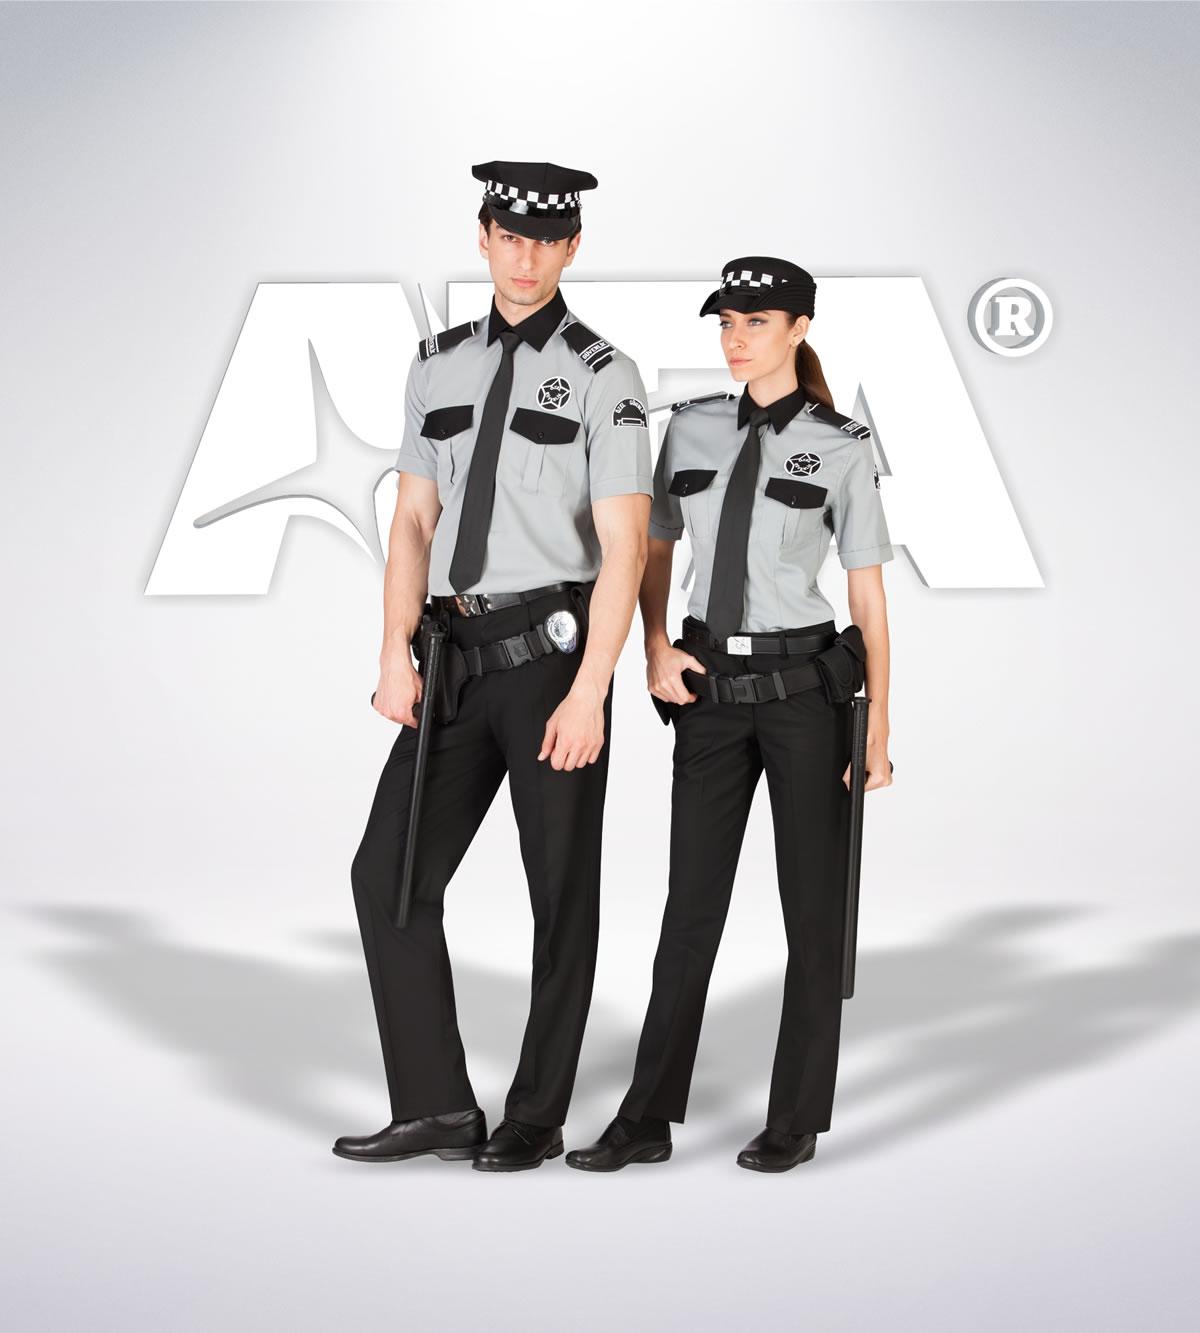 ATA 128 - Pantolon yazlık - gömlek yazlık-kışlık - aksesuar - güvenlik elbiseleri | güvenlik üniformaları | güvenlik kıyafetleri